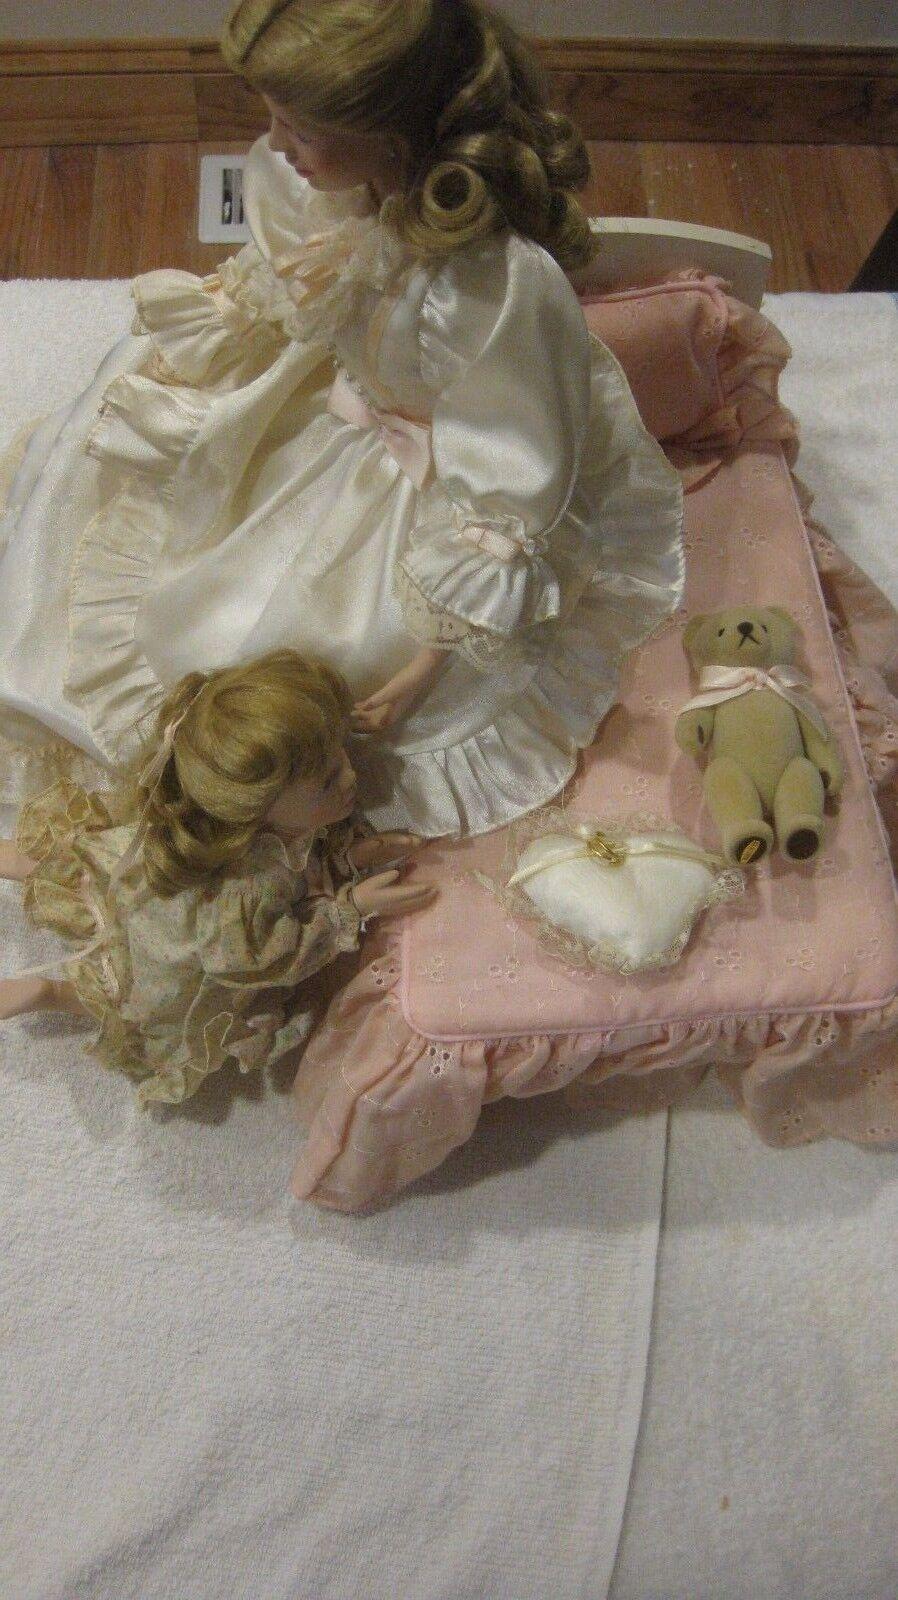 Seltener Porzellan-Puppe Schlafenszeit Porzellan-Puppe Seltener Set von Lia Dileo Mutter & Tochter Gorham 436244